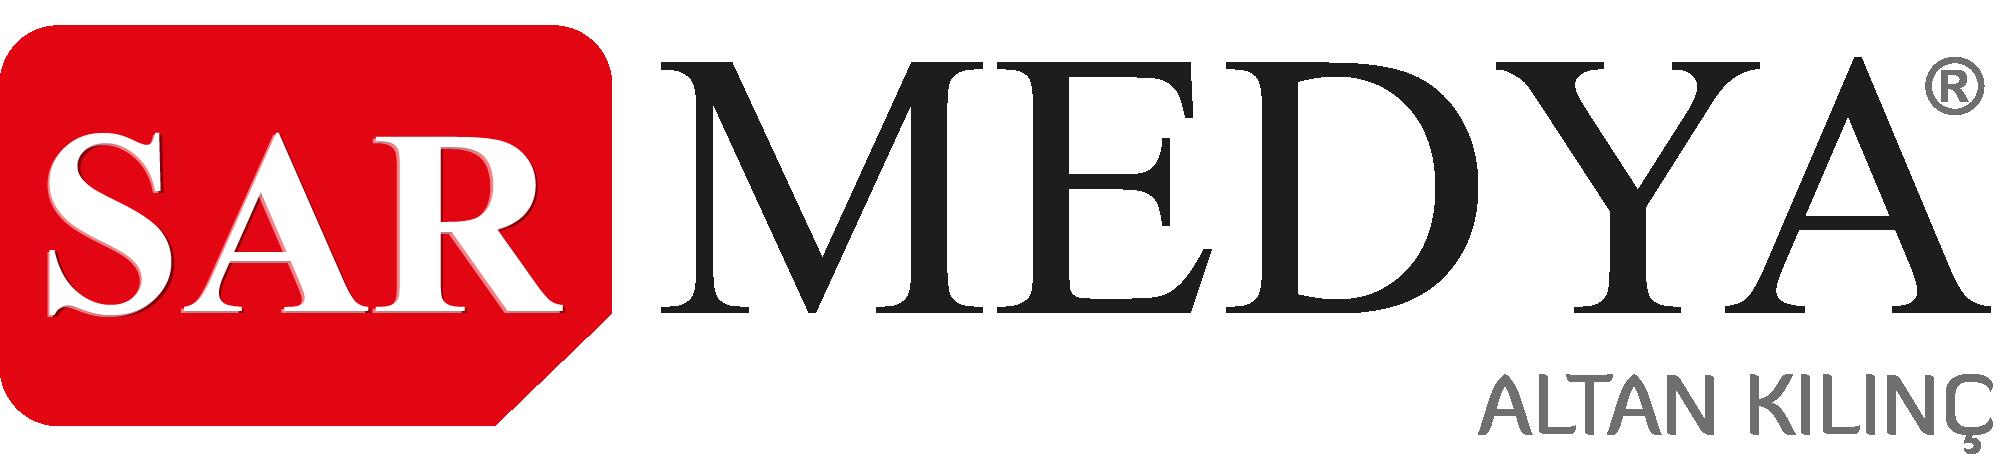 Sar-Medya-Logo